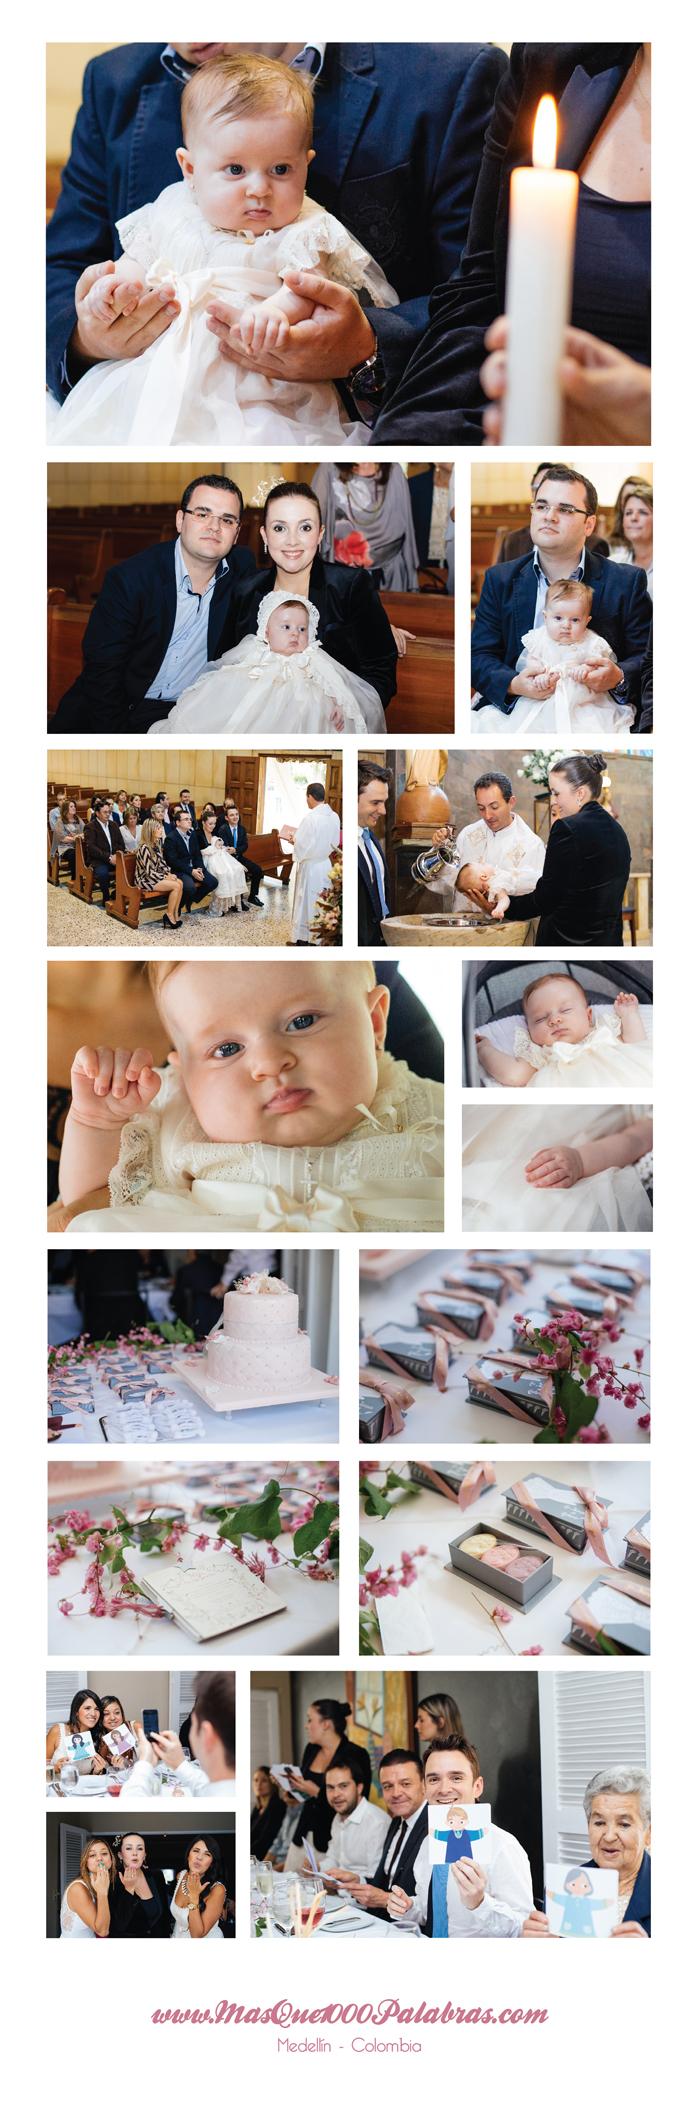 Fotos del bautizo de Mia, Medellin